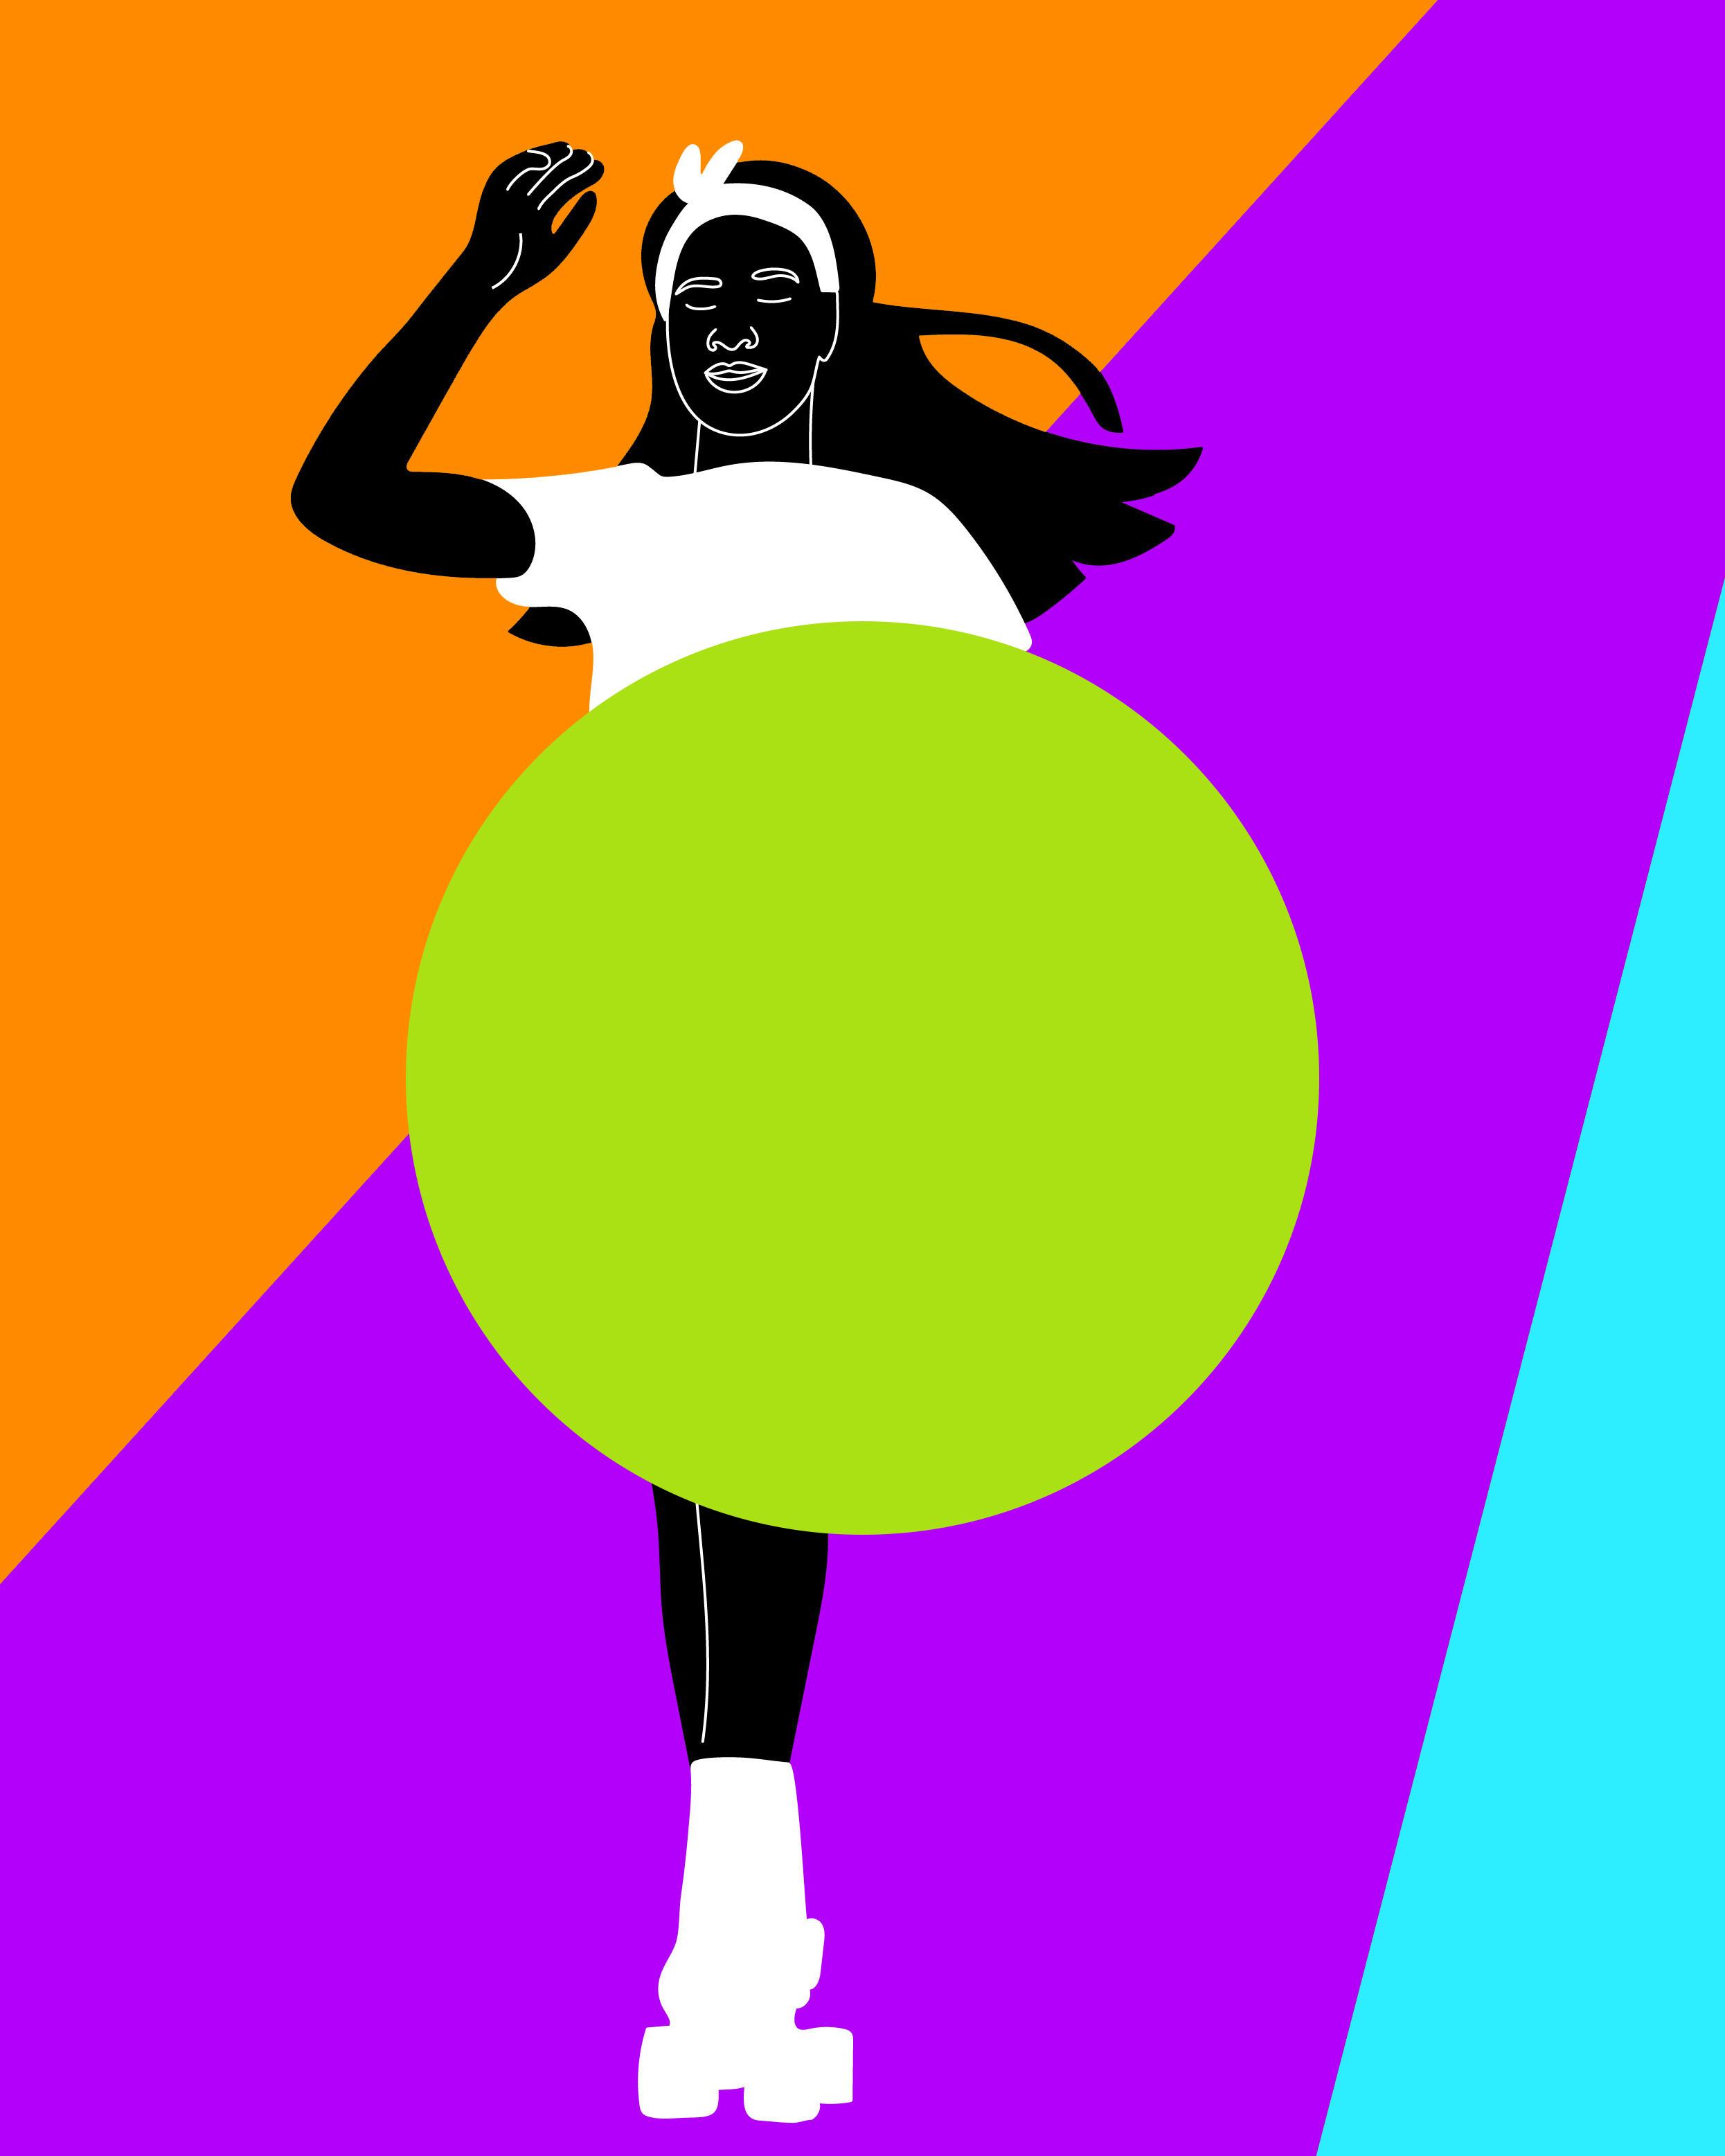 gifs, roller, roller skate, black, woman, sport, motion